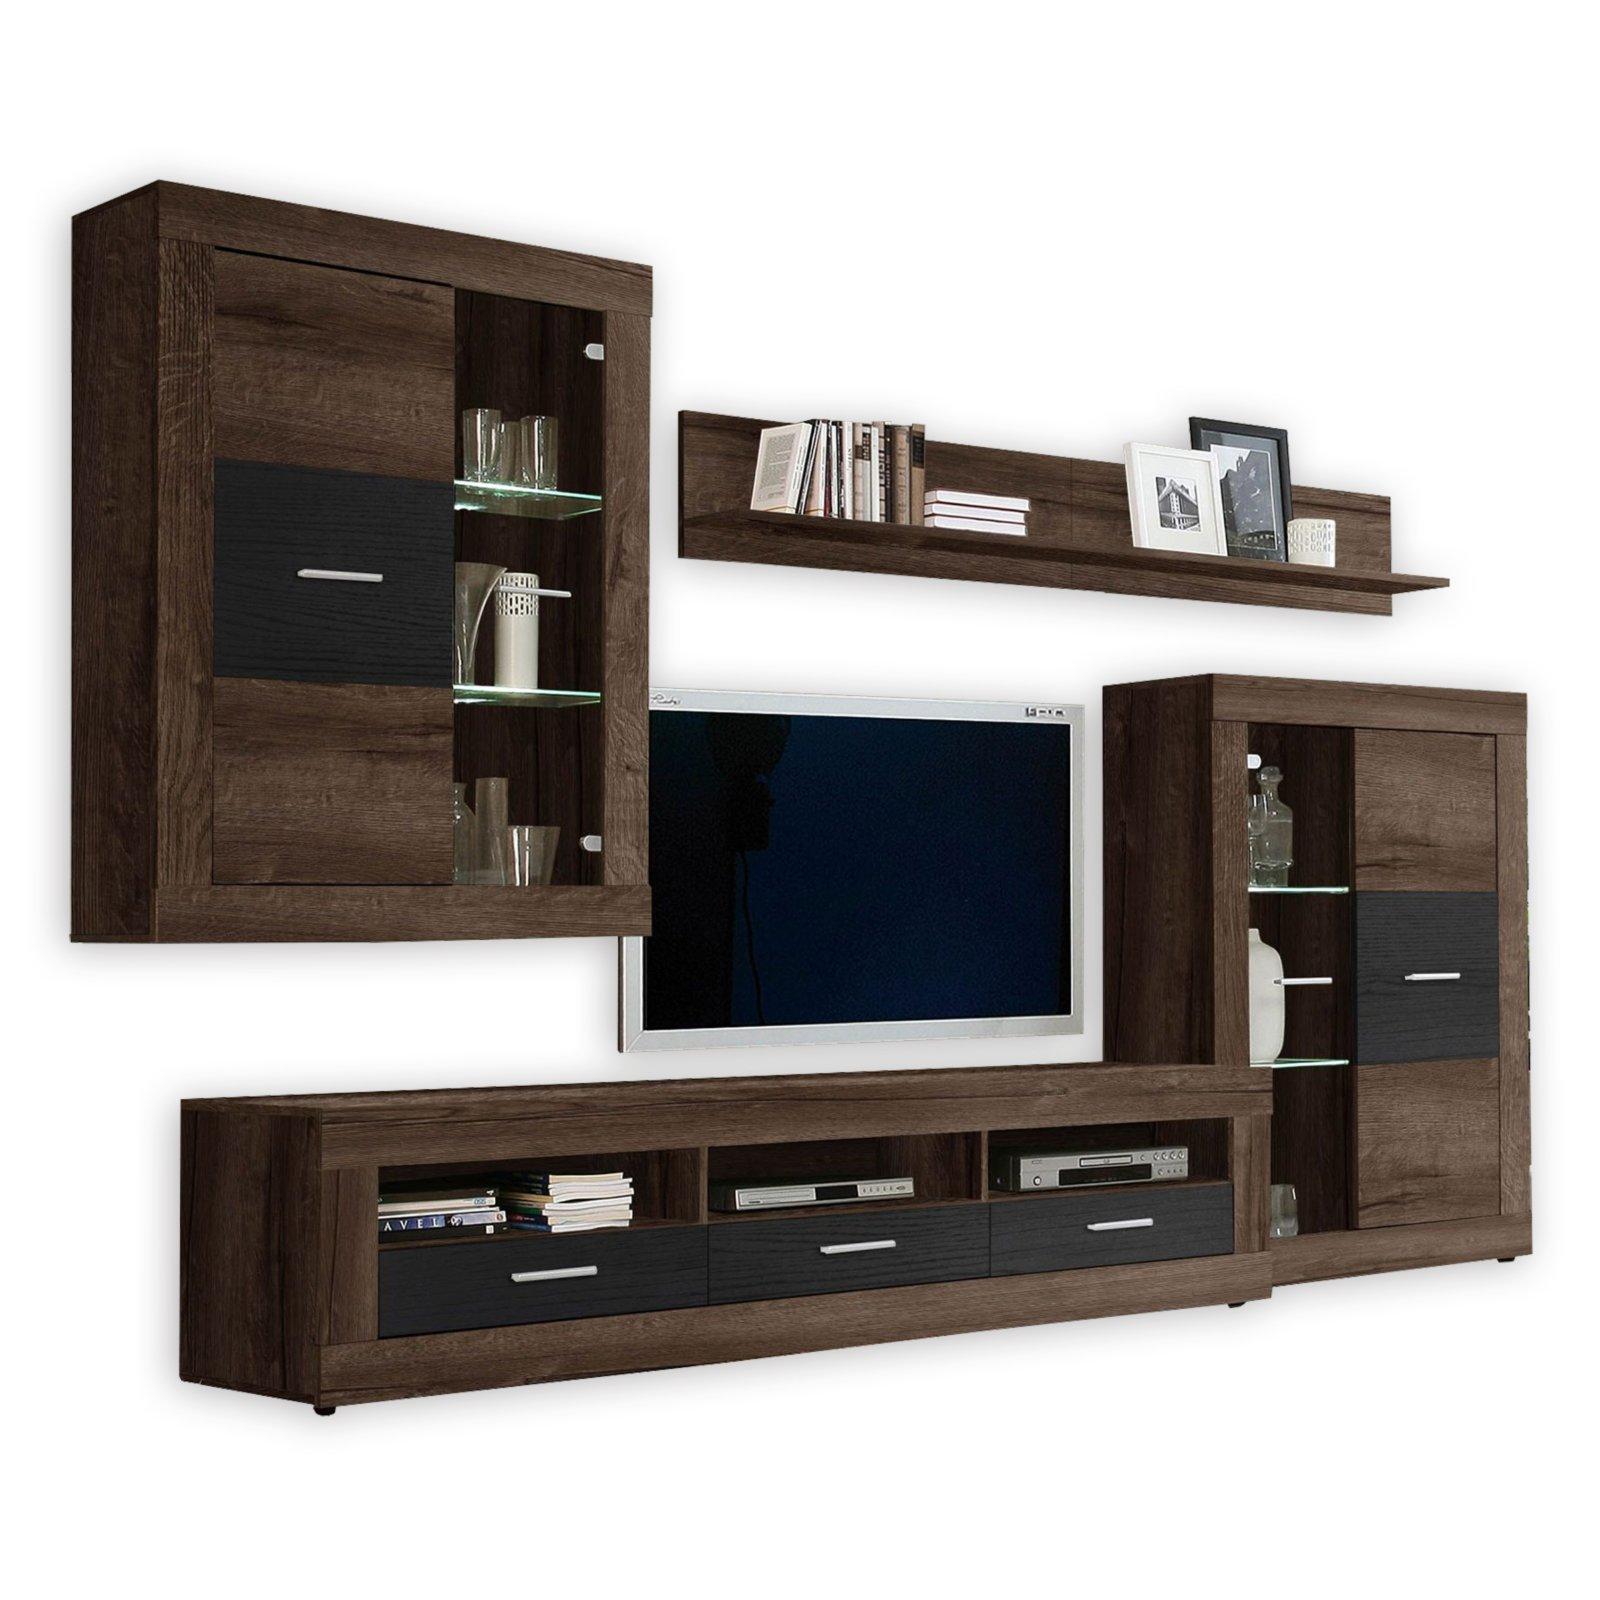 wohnwand gaucho schlammeiche schwarzeiche 307 cm breit wohnw nde wohnw nde m bel roller. Black Bedroom Furniture Sets. Home Design Ideas